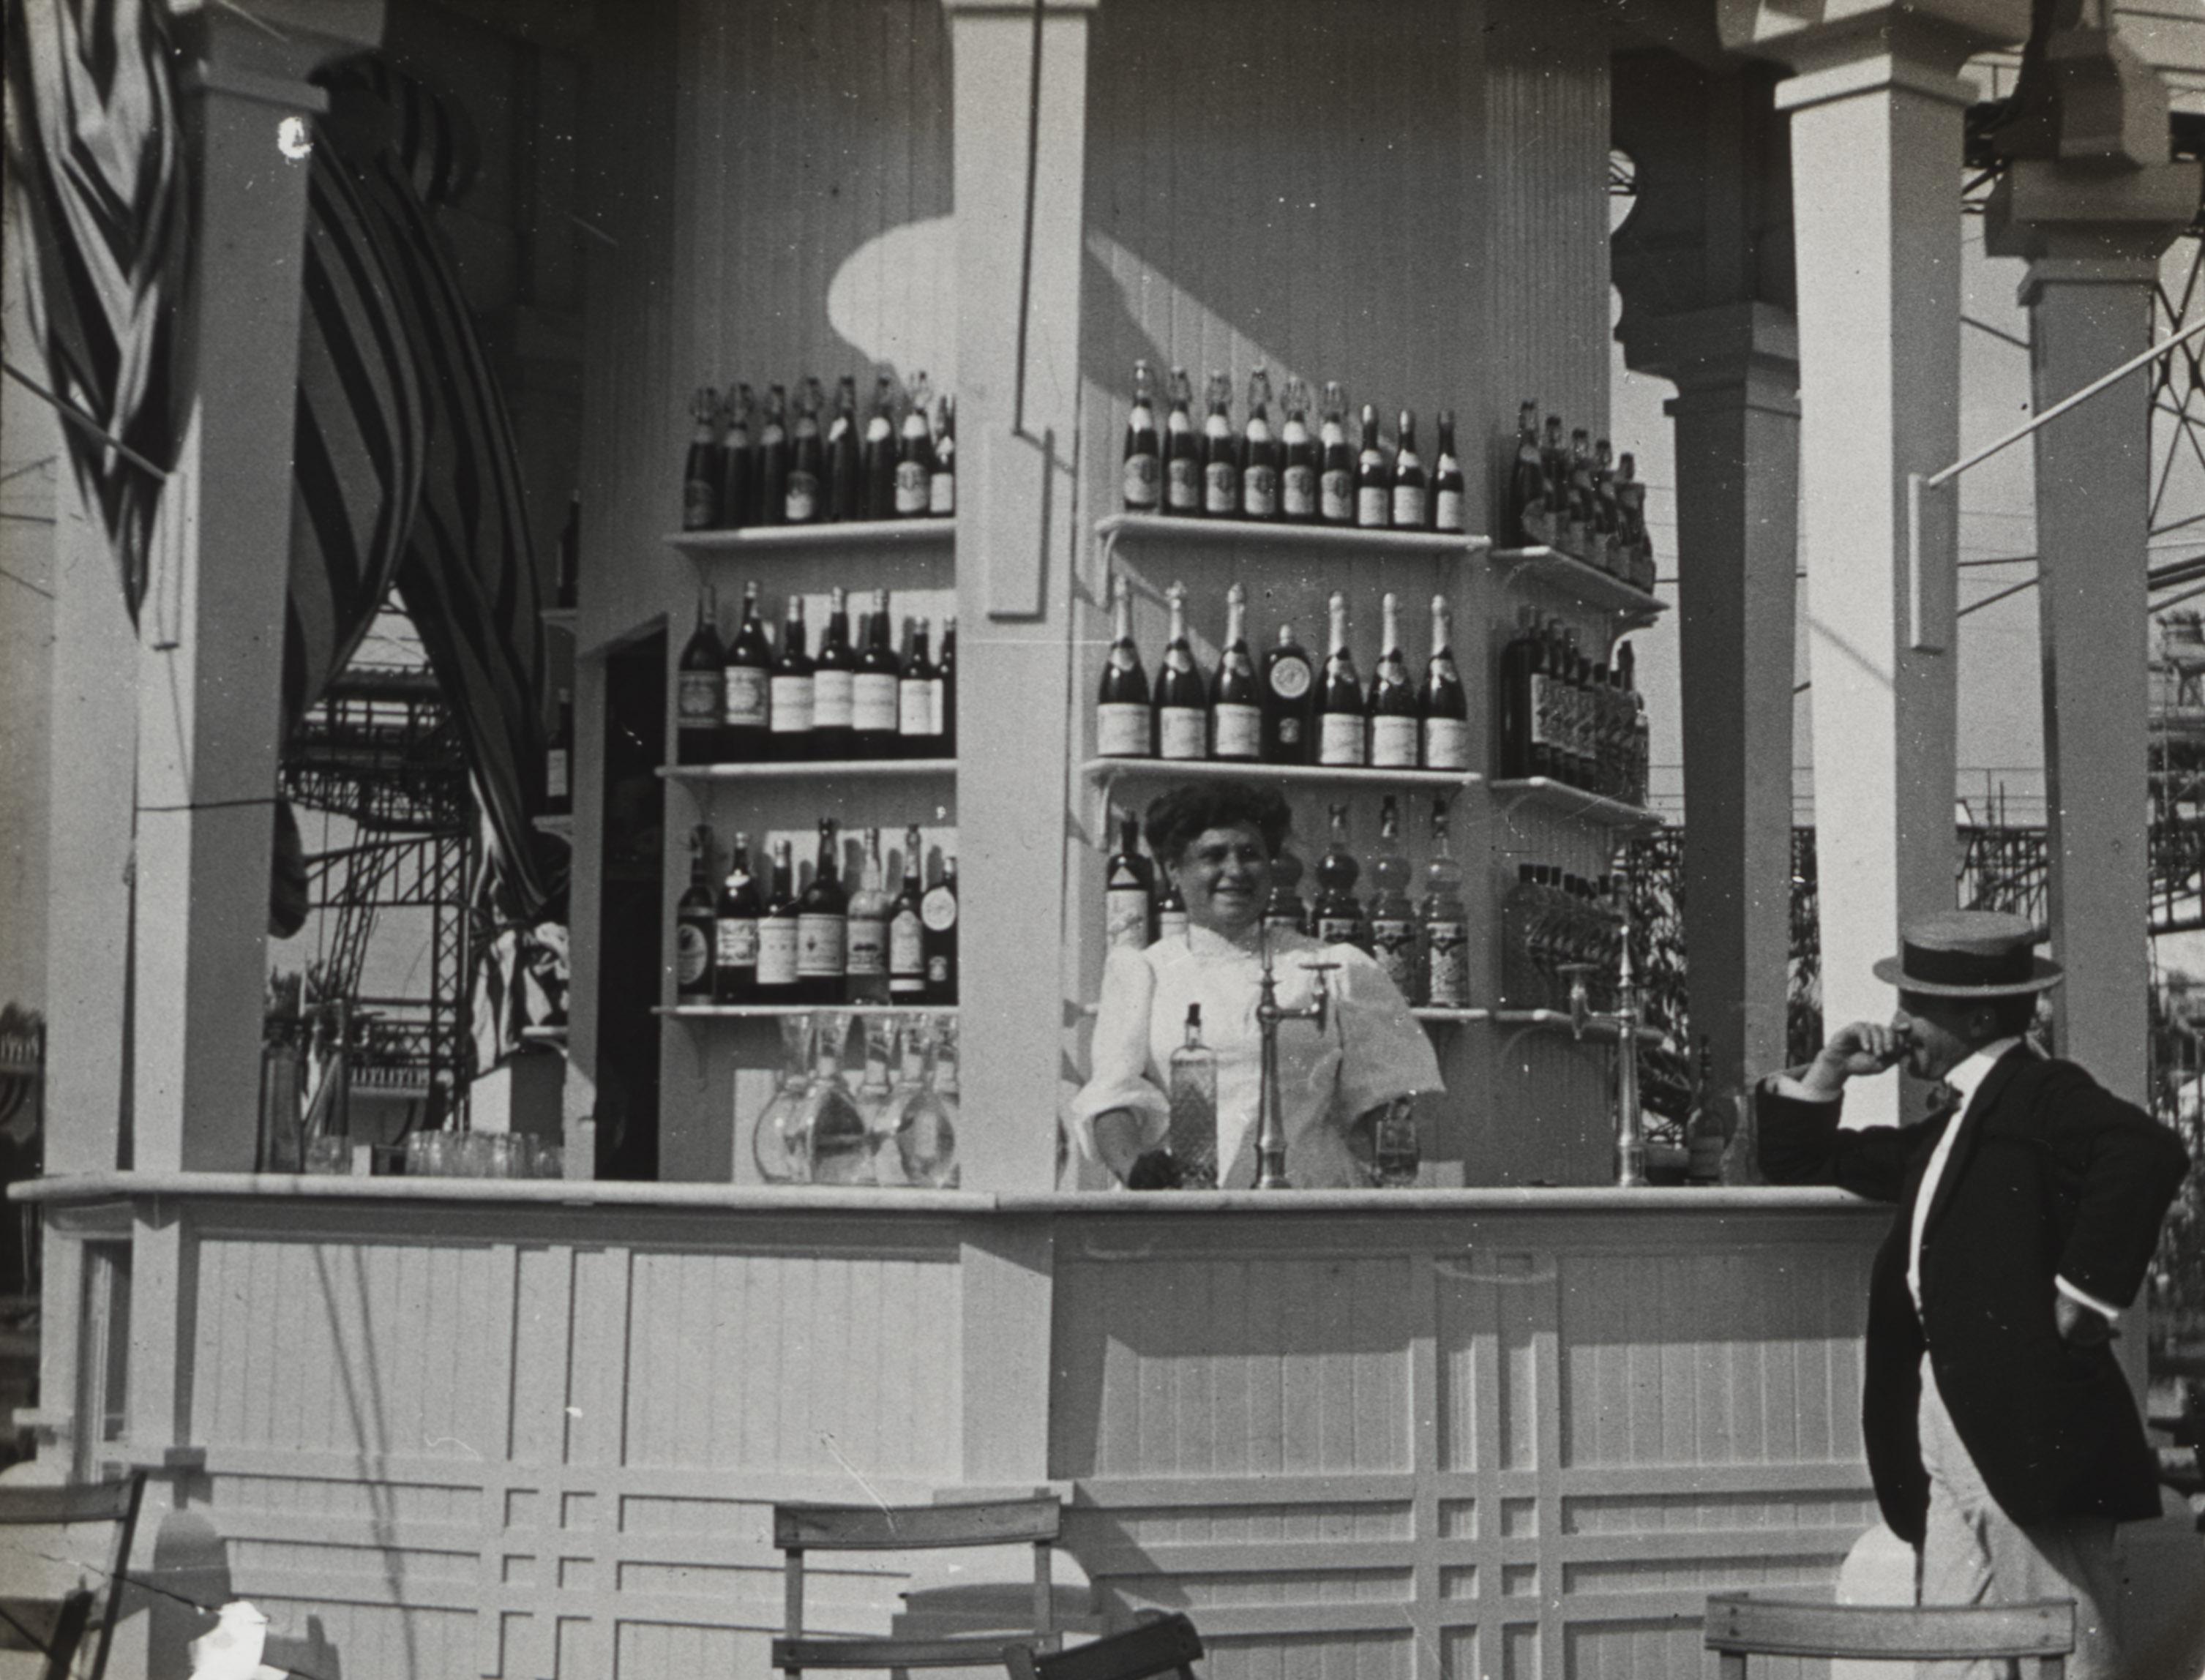 Un kiosko de refrescos Exposición